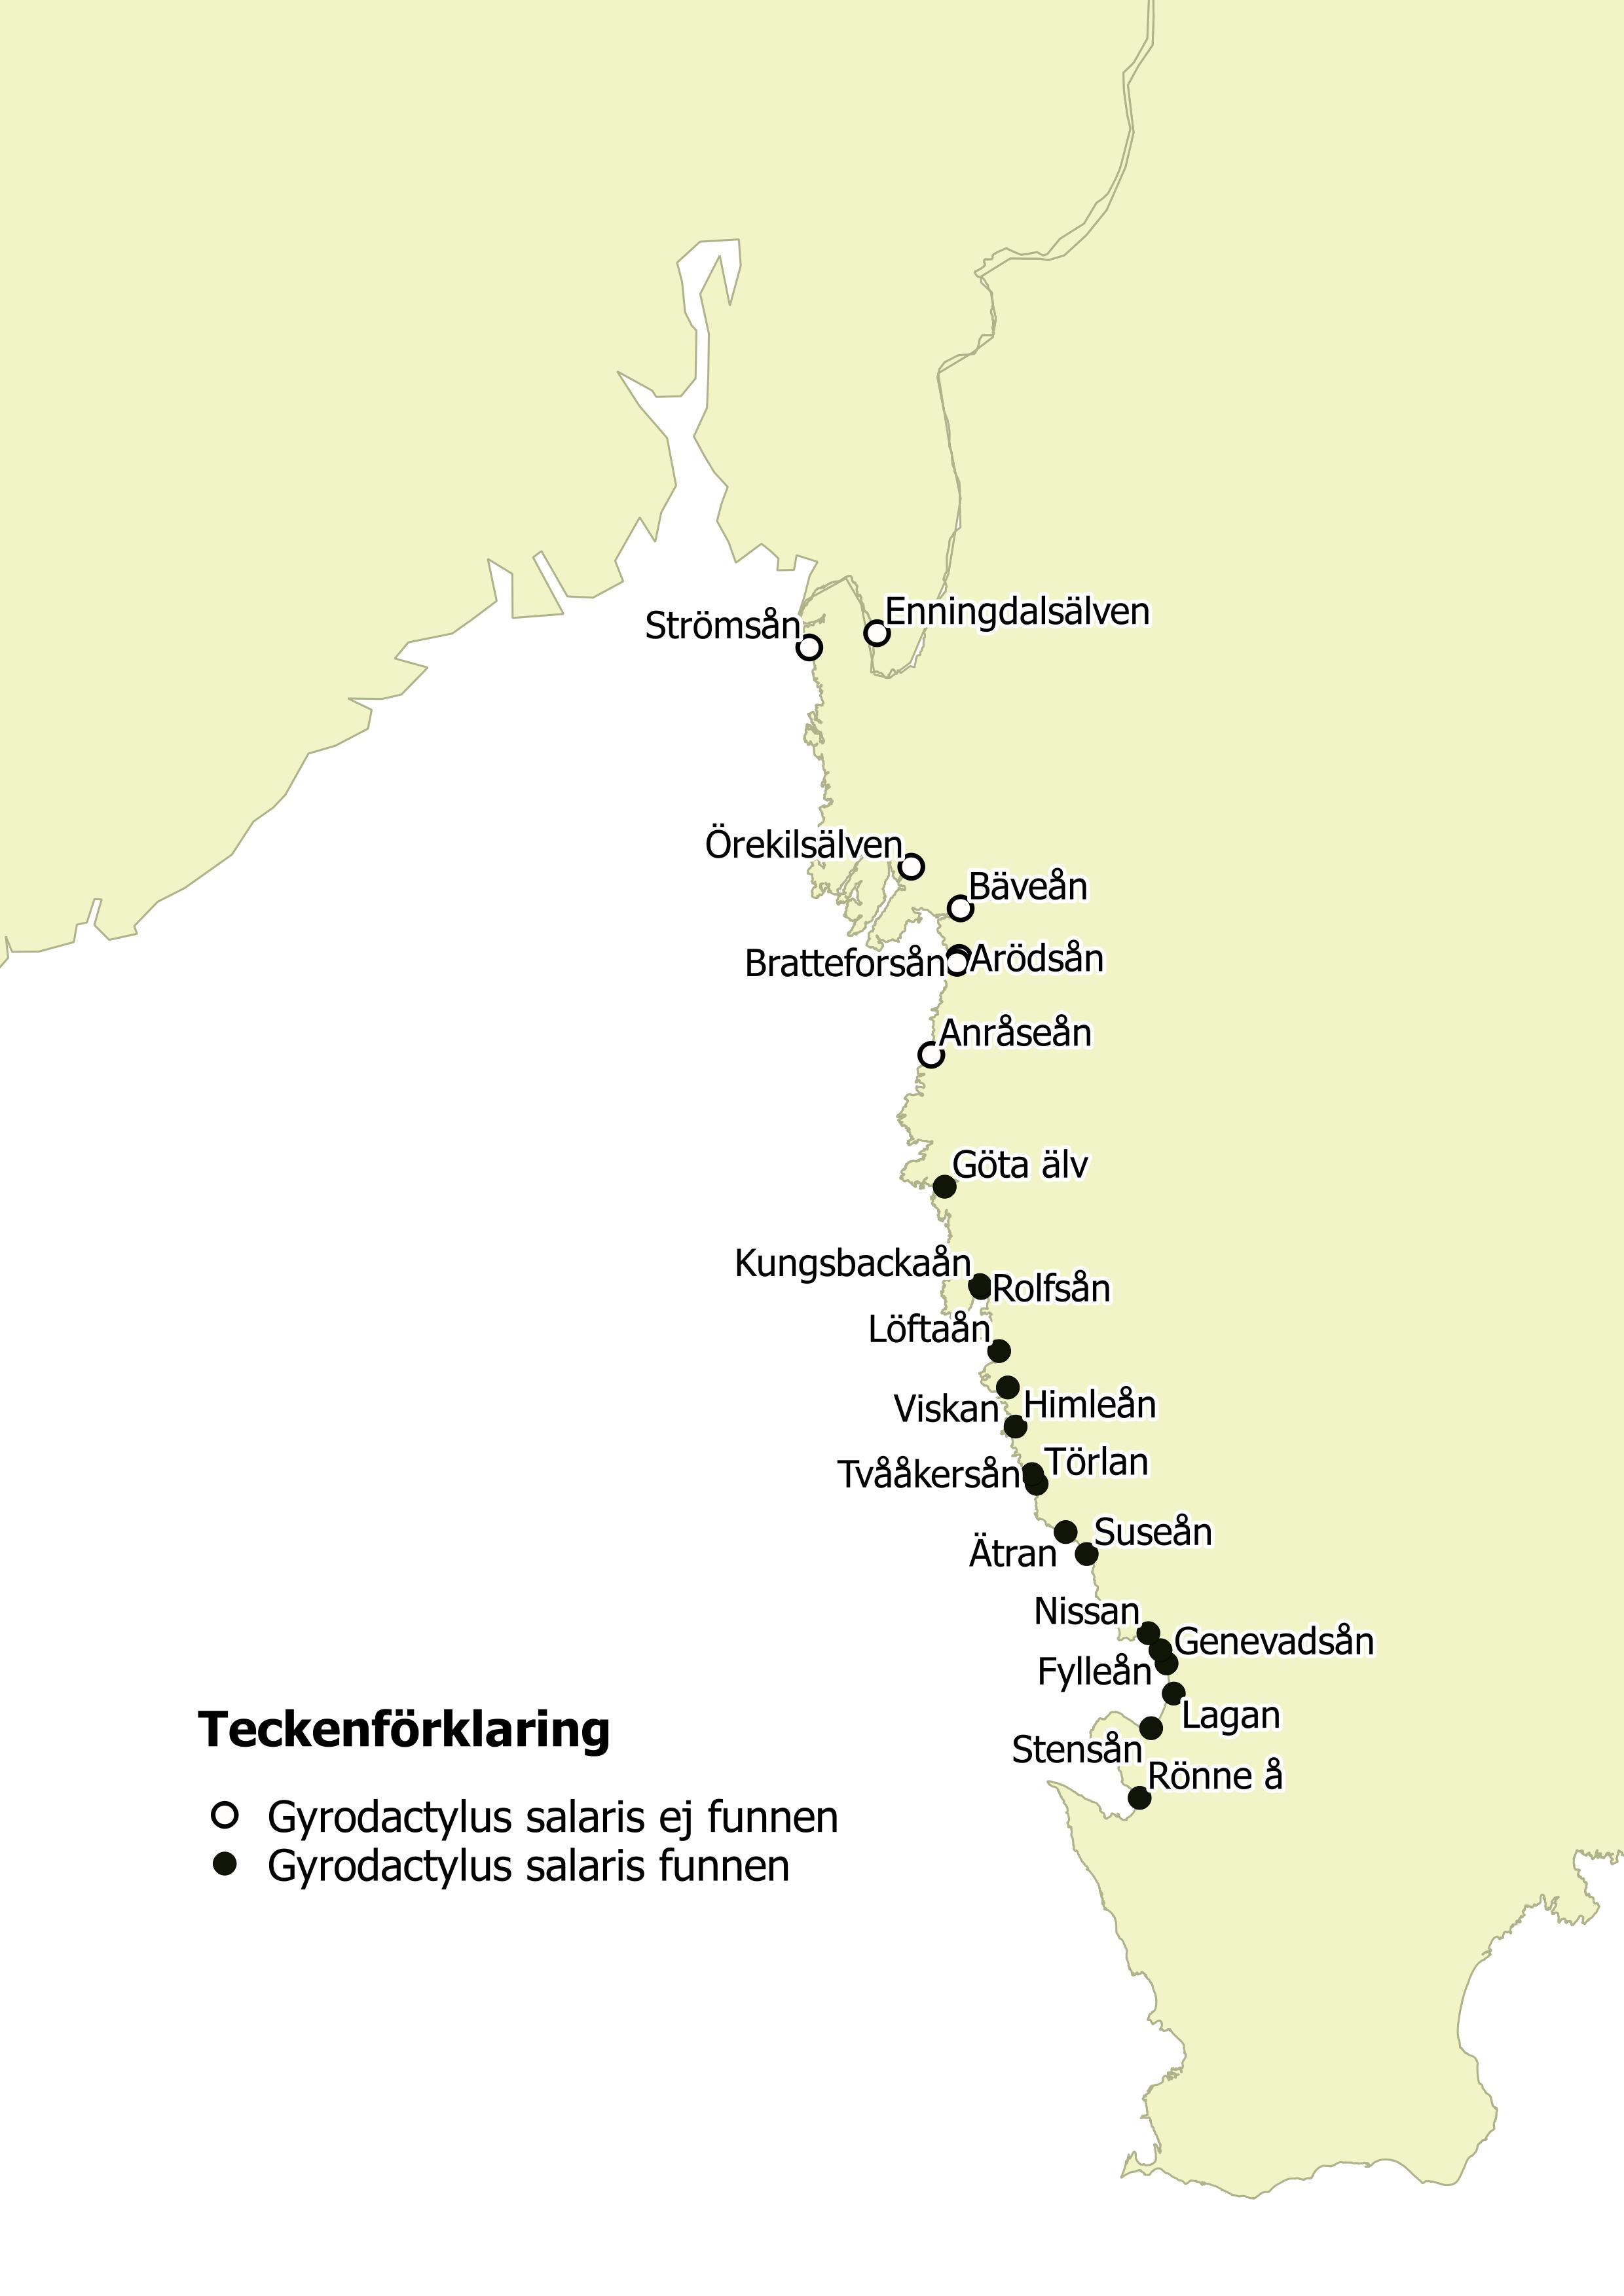 svenske vestkysten kart Lakseparasitten Gyrodactylus salaris påvist i Kungsbackaån i Sverige svenske vestkysten kart